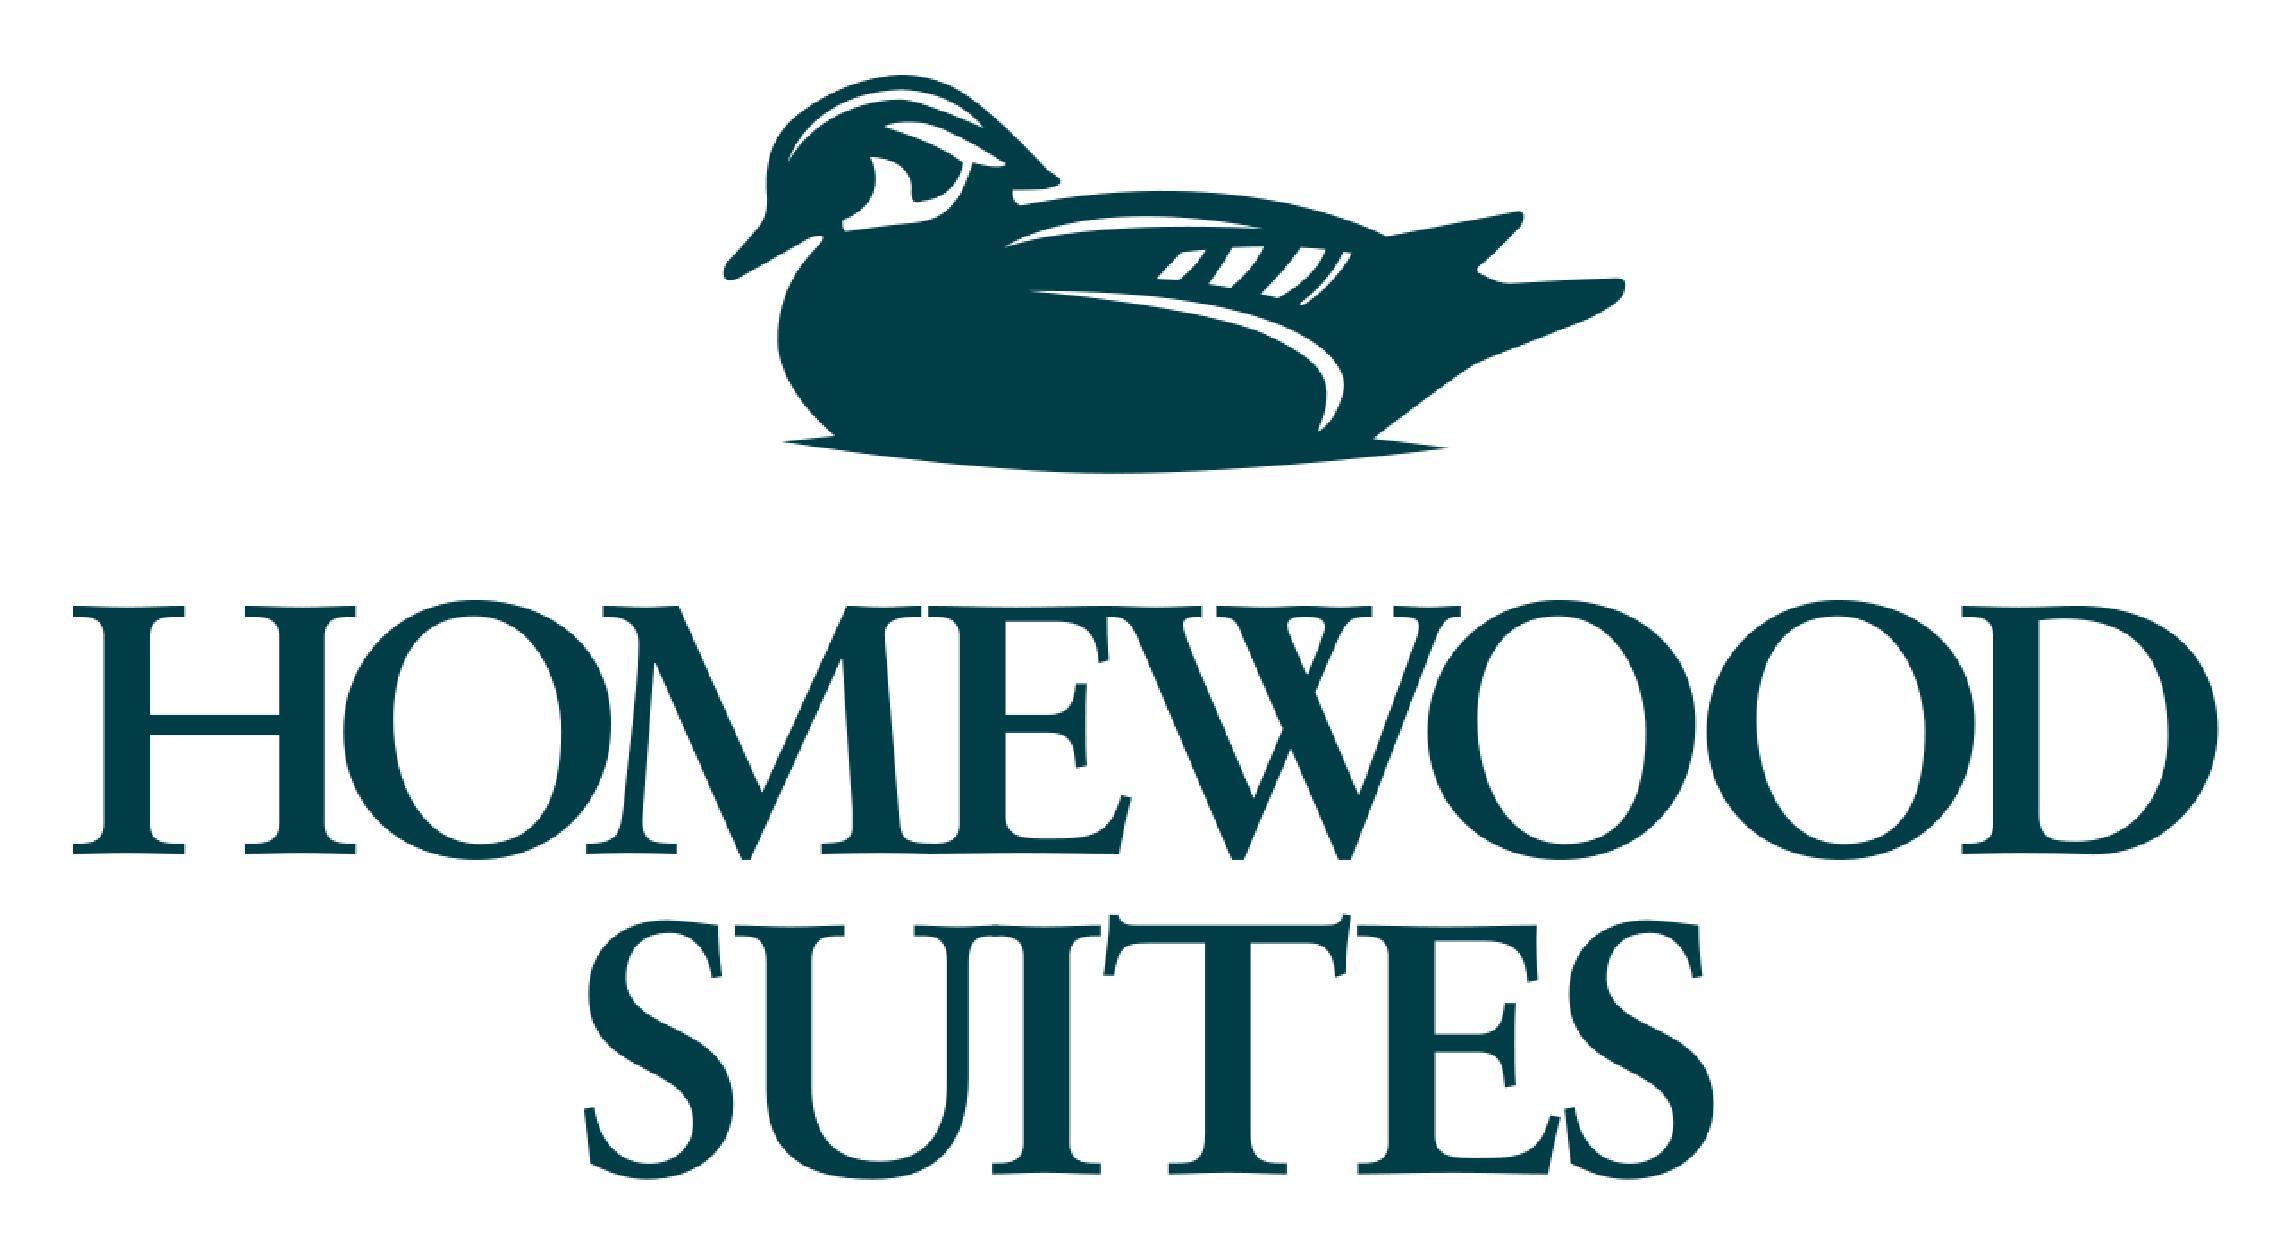 homewood suites 300-page-001